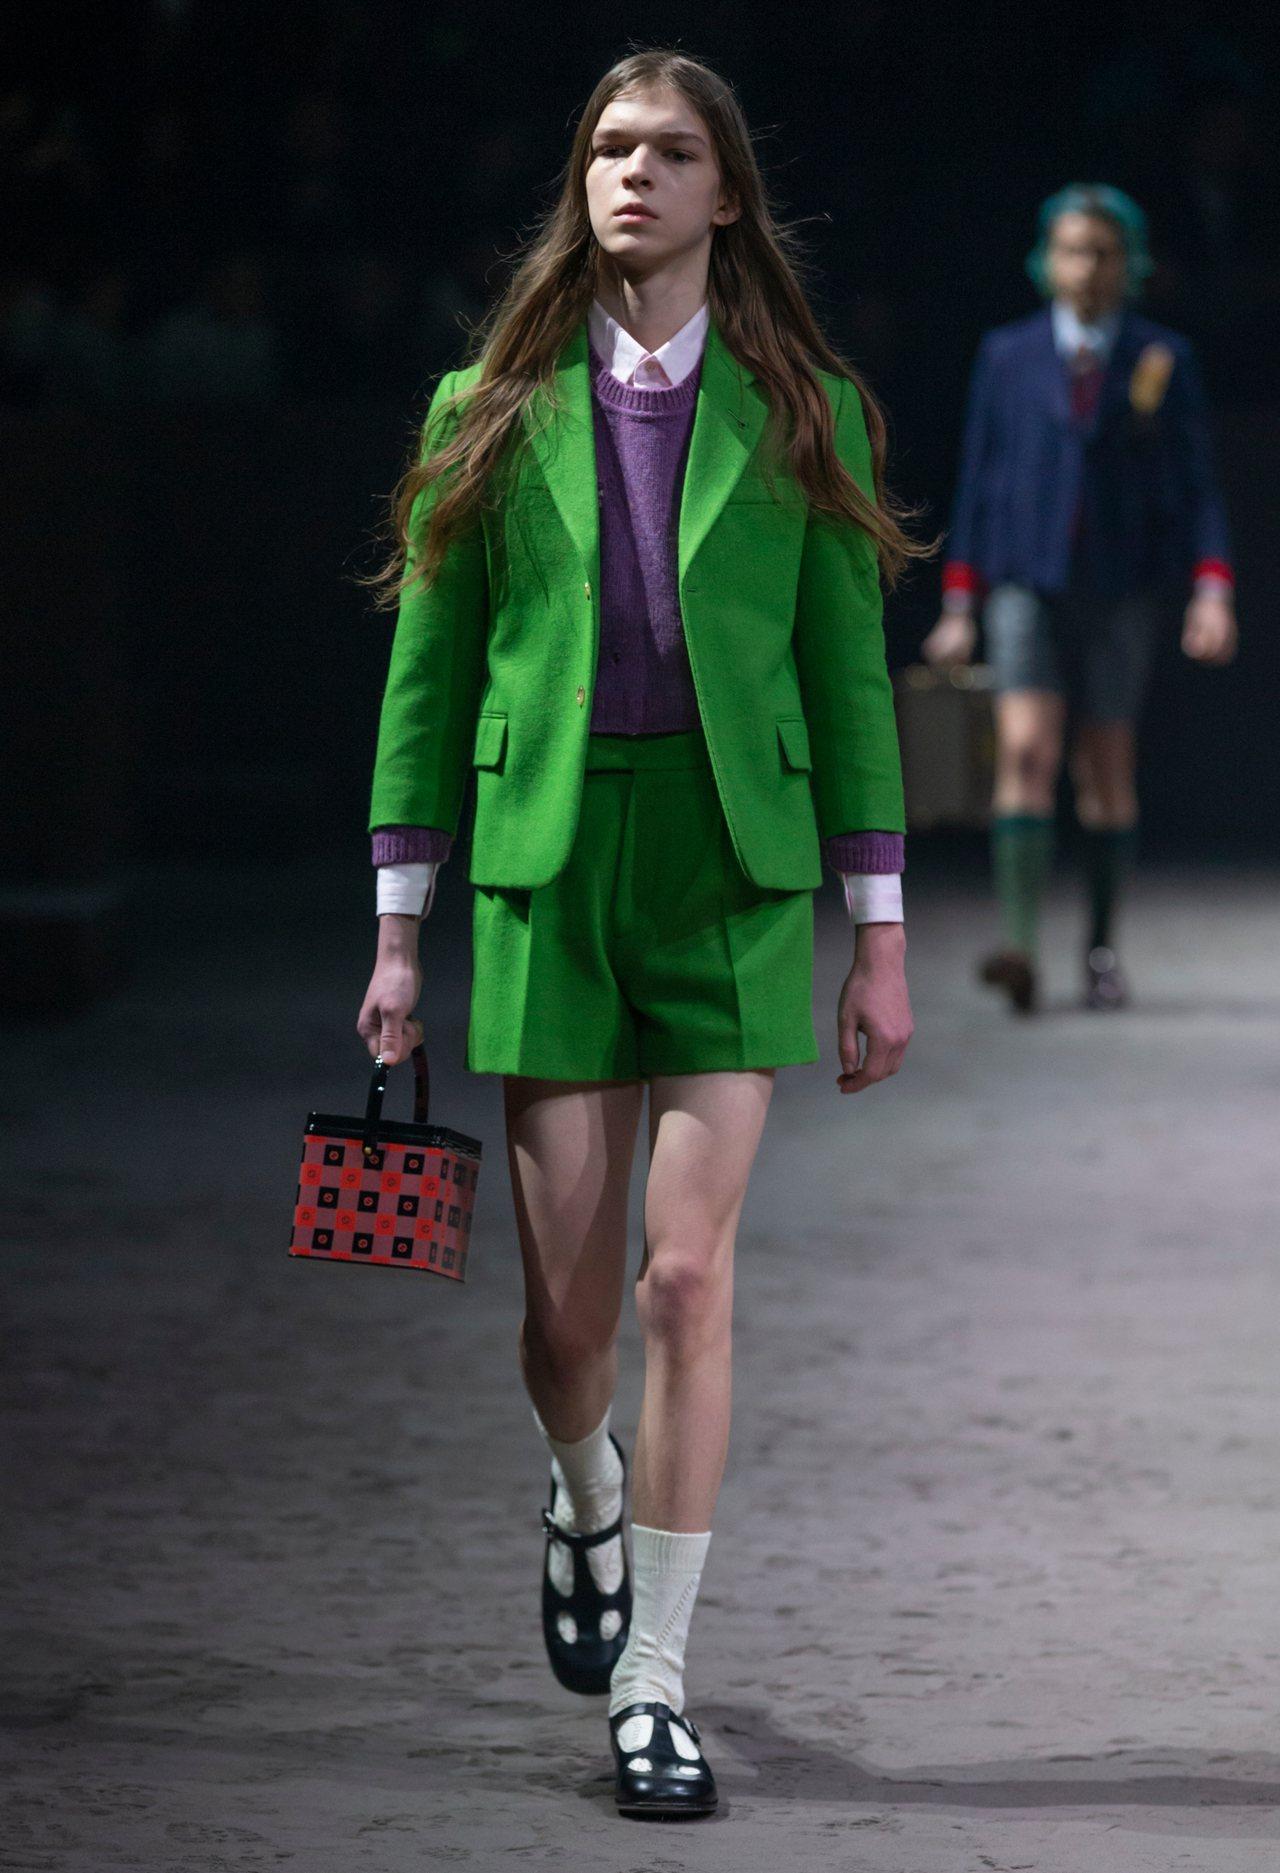 飽和色調西裝套裝在秋冬非常亮眼。圖/Gucci提供